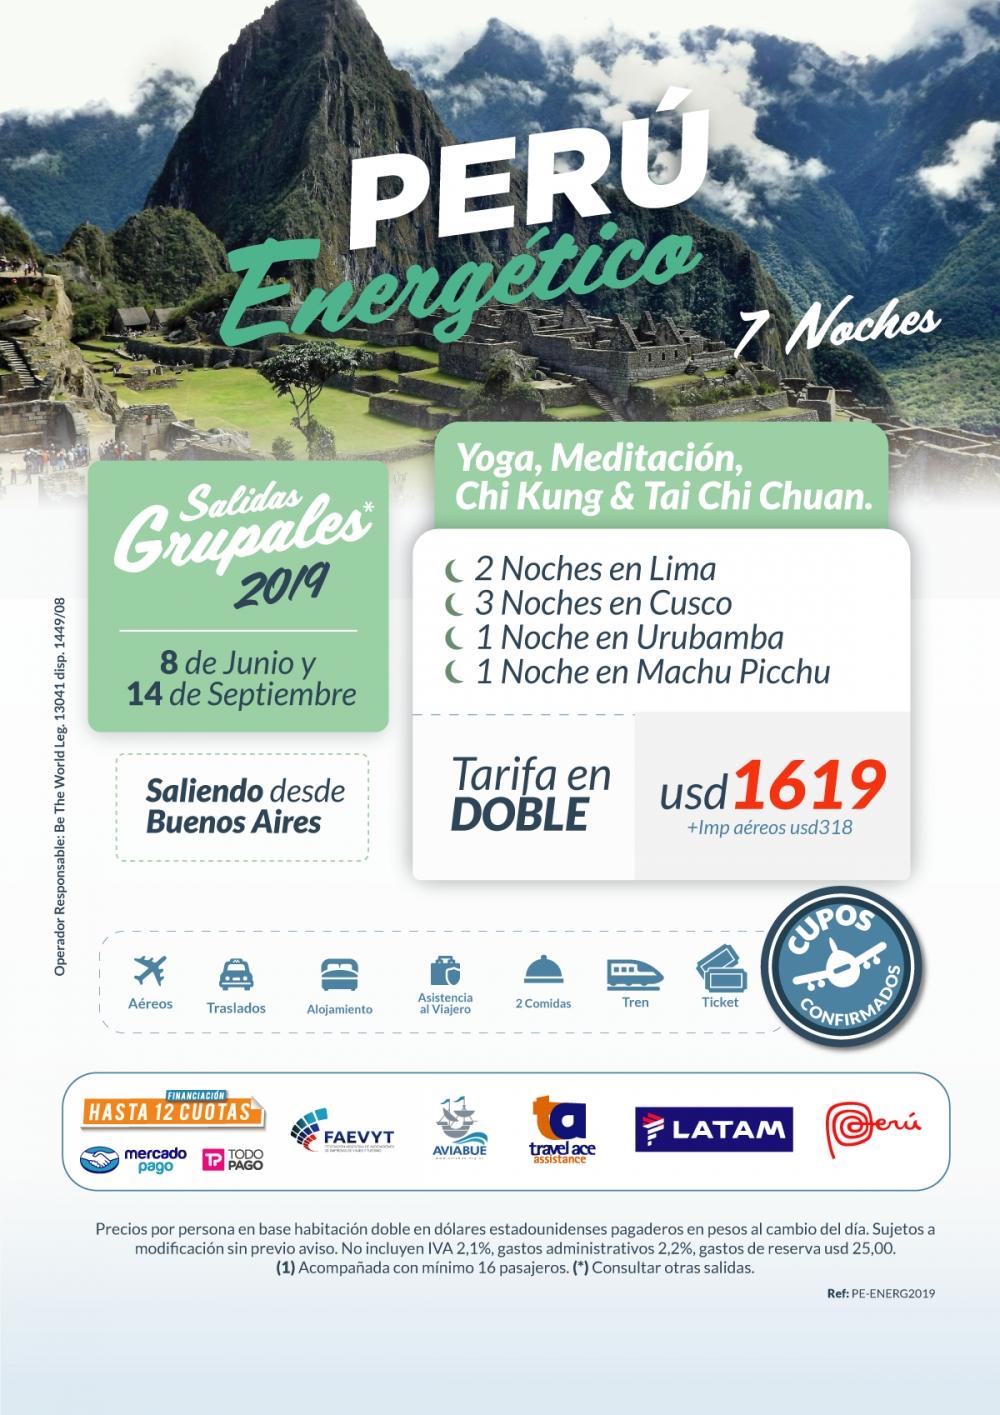 PERU ENERGÉTICO - Salidas grupales 20 de Abril - 08 de Junio y 14 de Septiembre